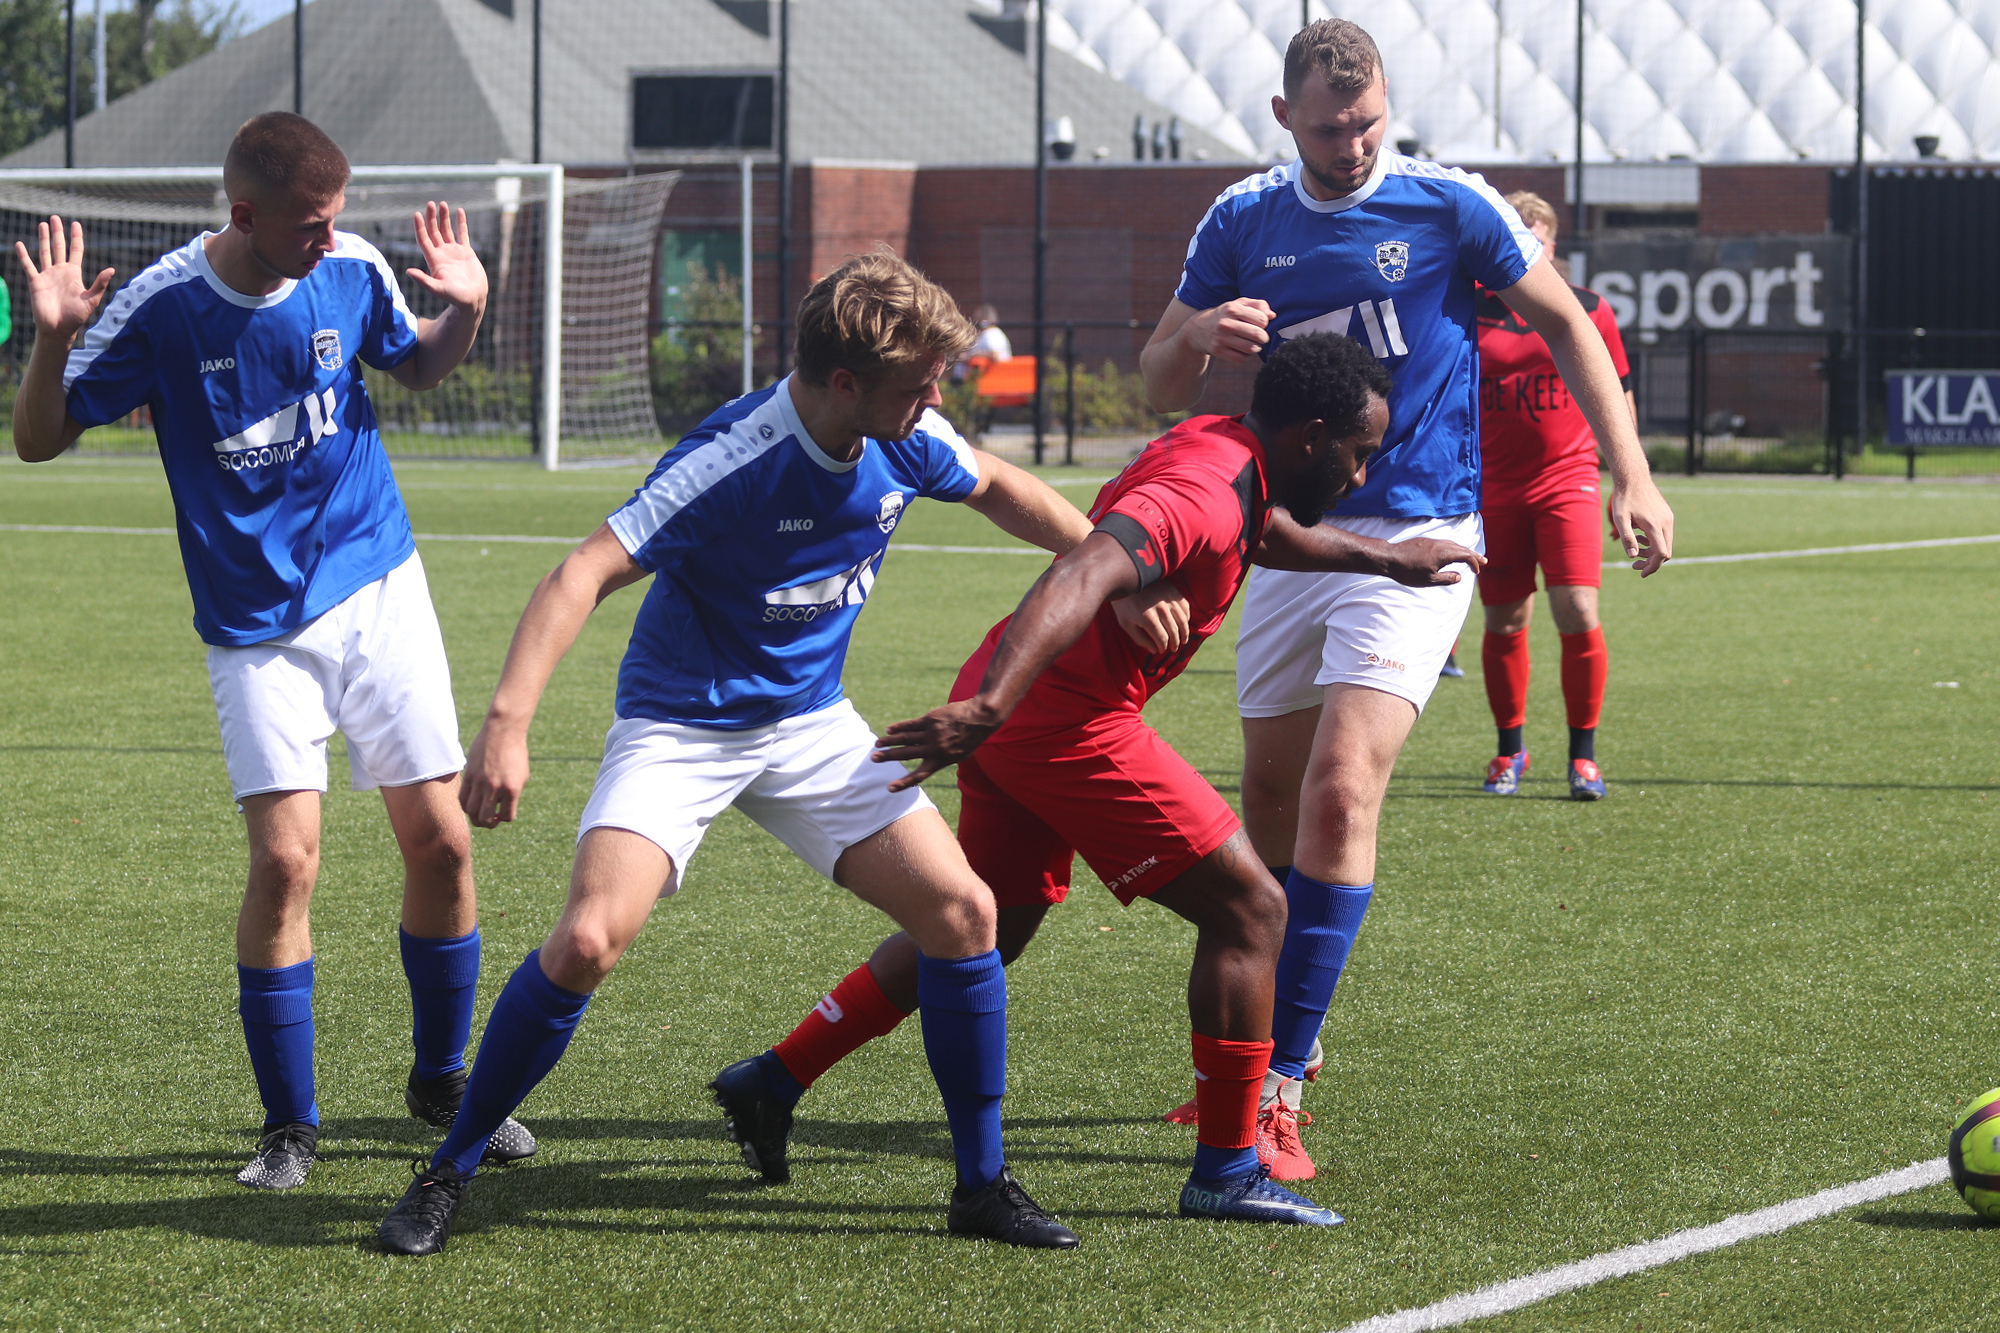 Blauw-Wit 1 speelt mini toernooi bij ZCFC